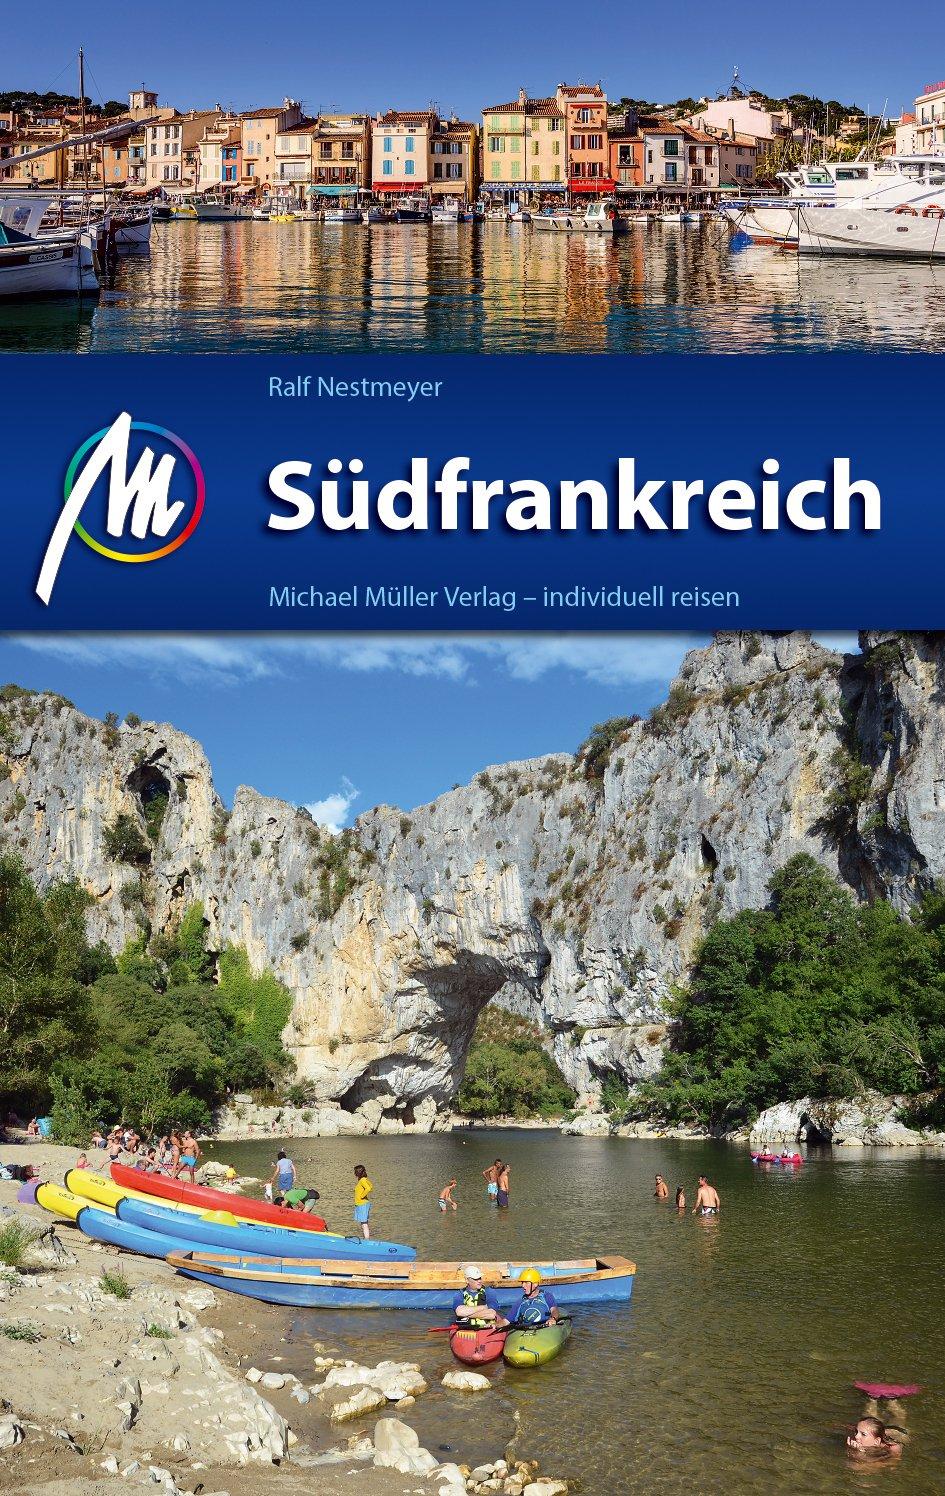 Südfrankreich Reiseführer Michael Müller Verlag: Reiseführer mit vielen praktischen Tipps.